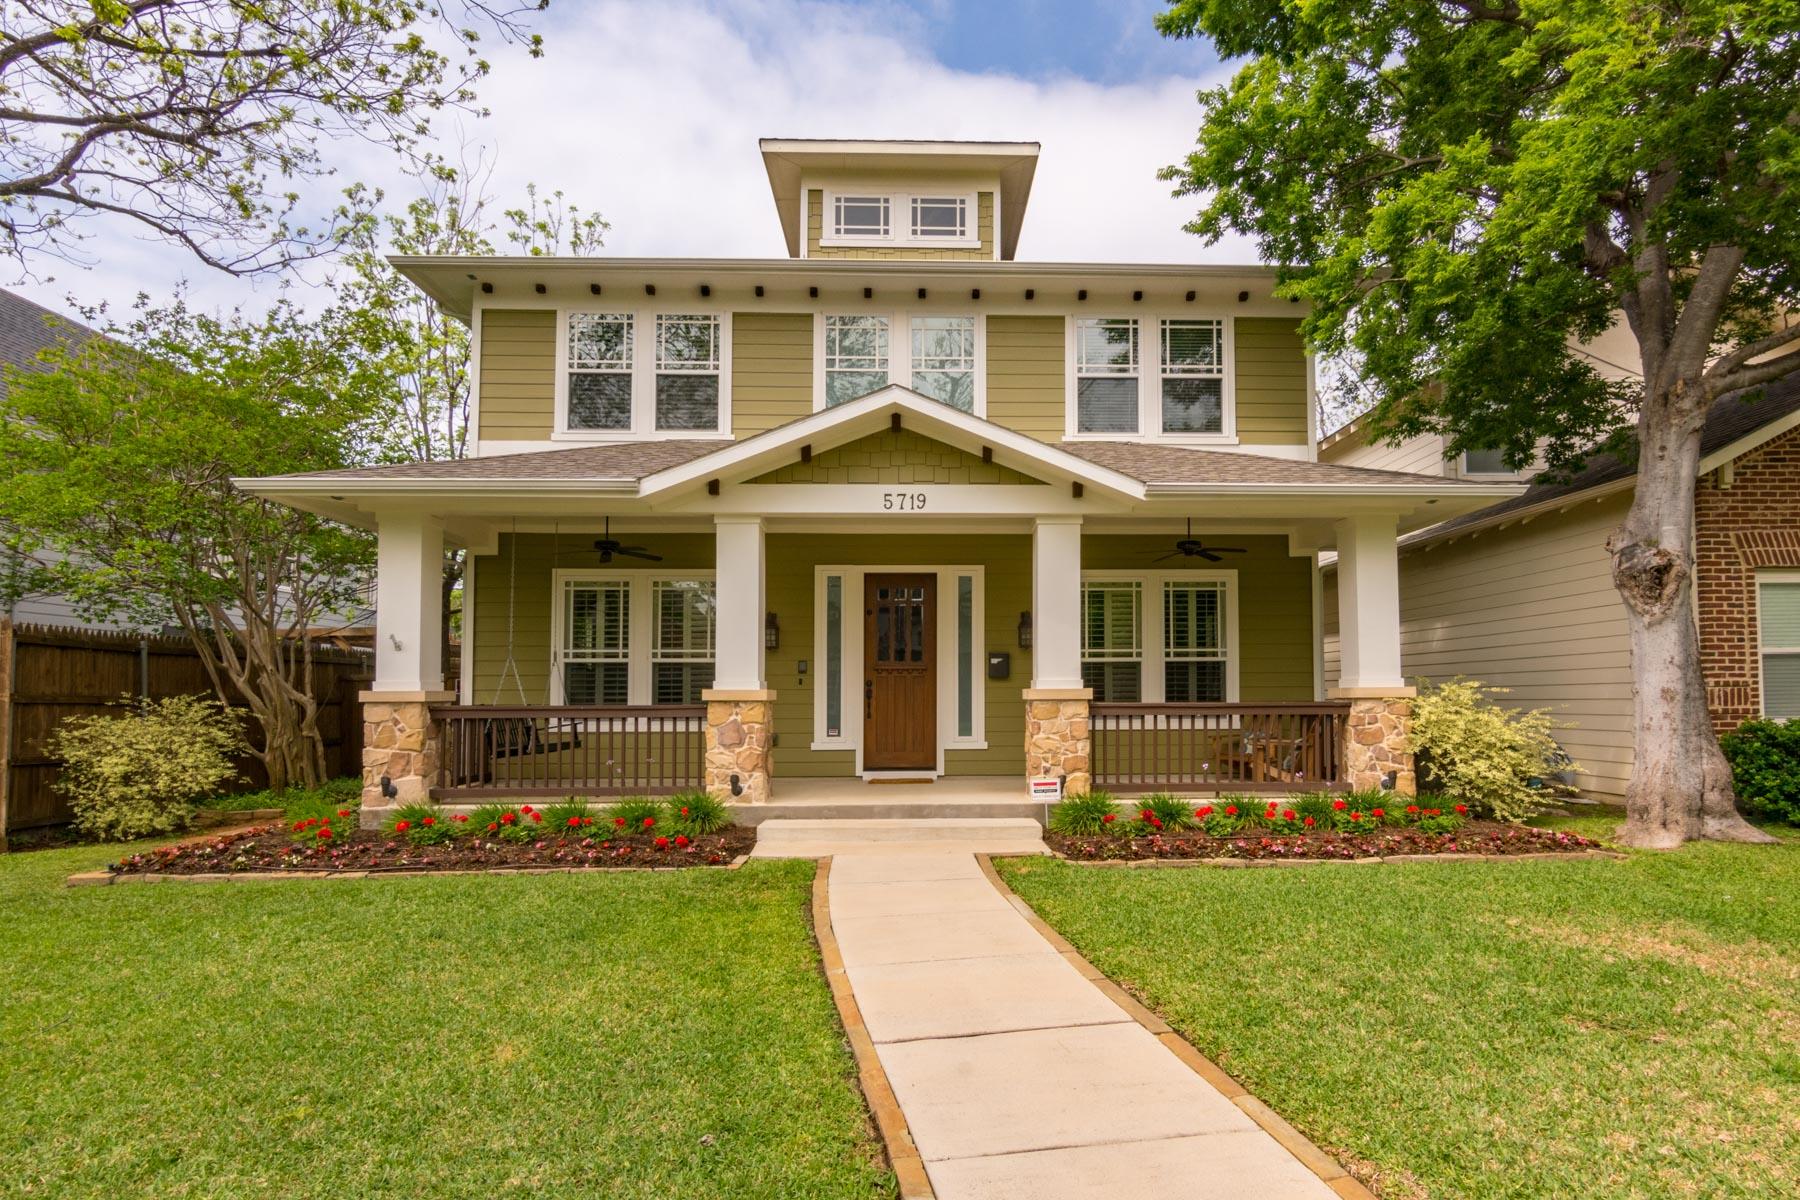 Villa per Vendita alle ore Beautiful Craftsman Style Home 5719 Llano Ave Dallas, Texas, 75206 Stati Uniti